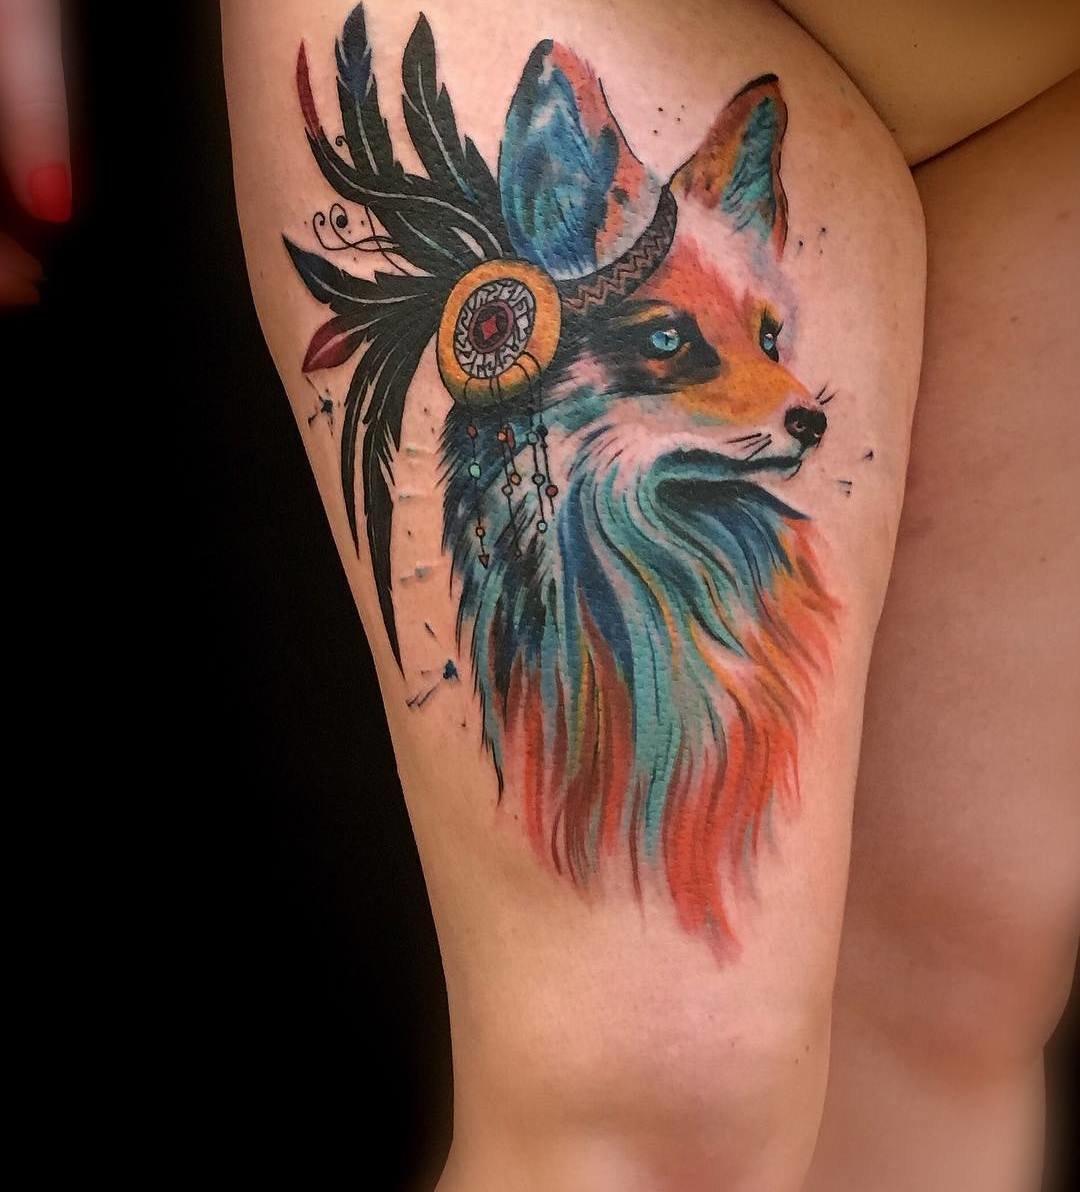 Значение тату лиса - Татуировки и их значение 46